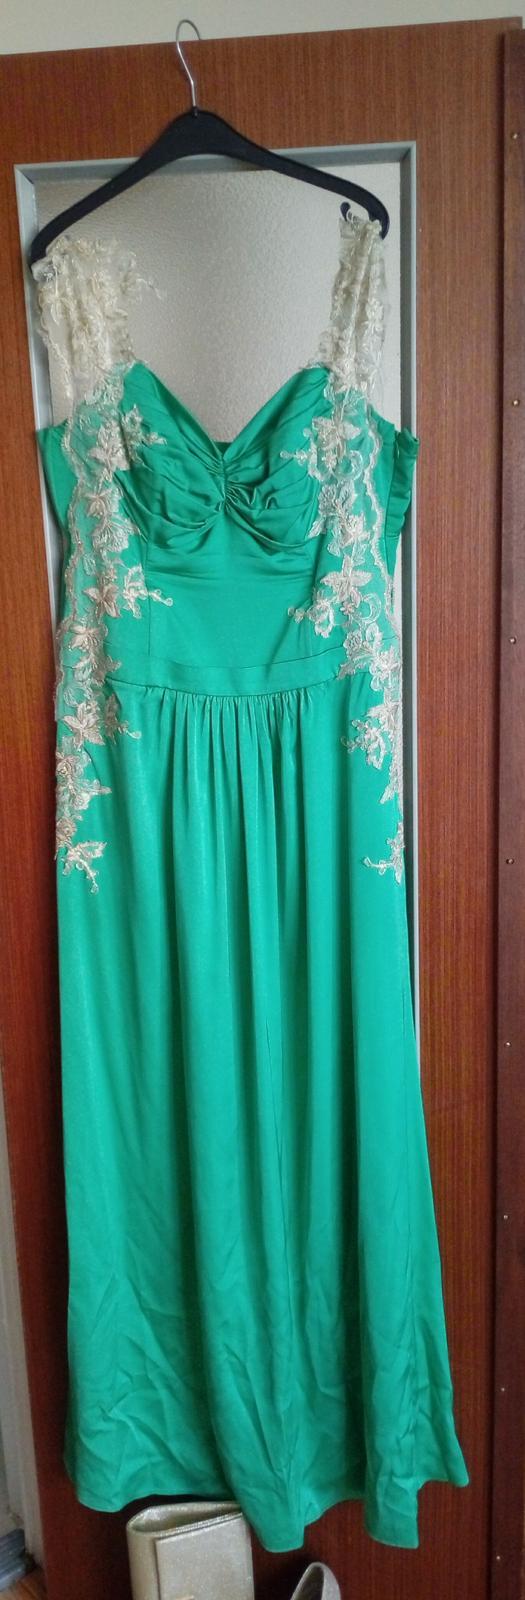 Zeleno-zlaté šaty - Obrázok č. 3